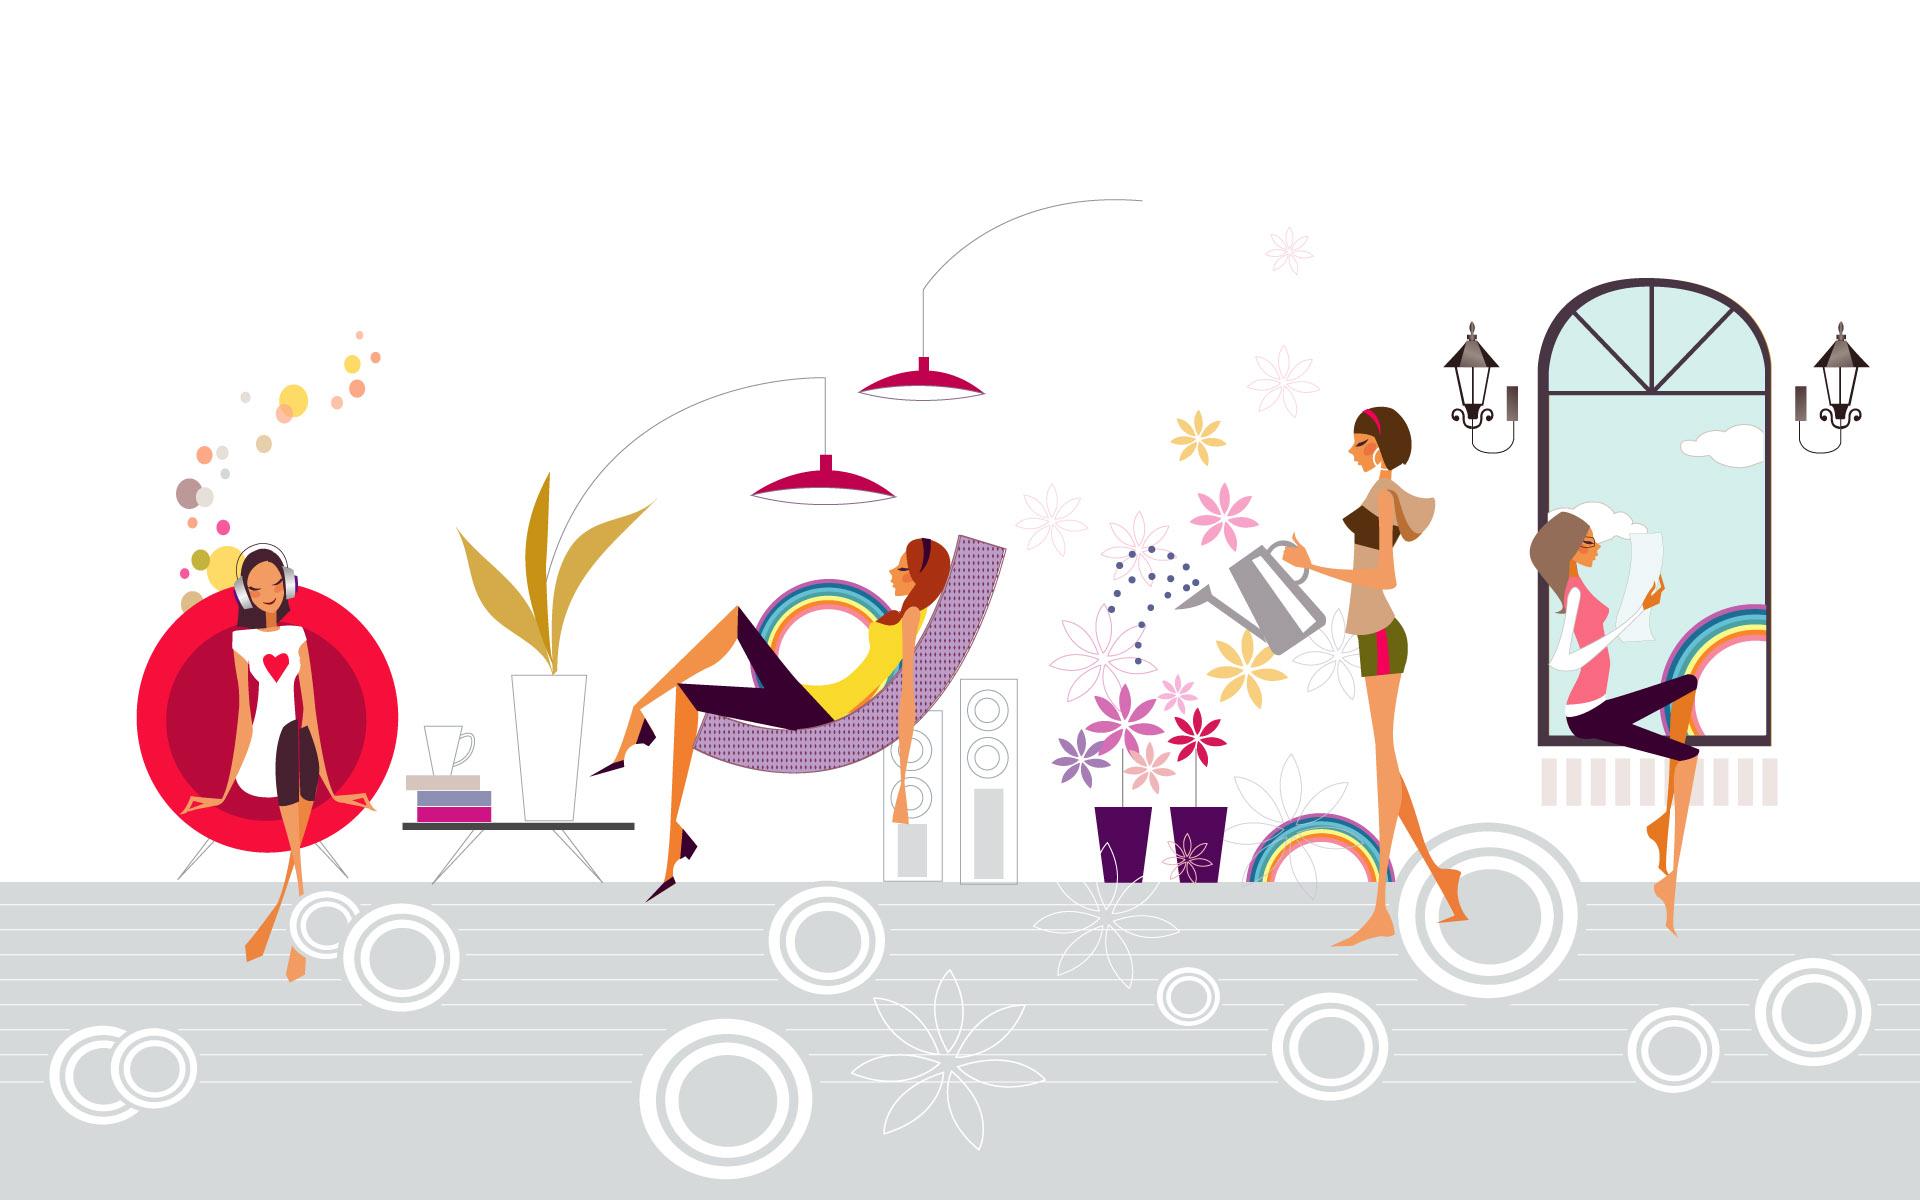 壁纸1920×1200矢量时尚女孩 12 9壁纸 矢量时尚女孩壁纸图片矢量壁纸矢量图片素材桌面壁纸